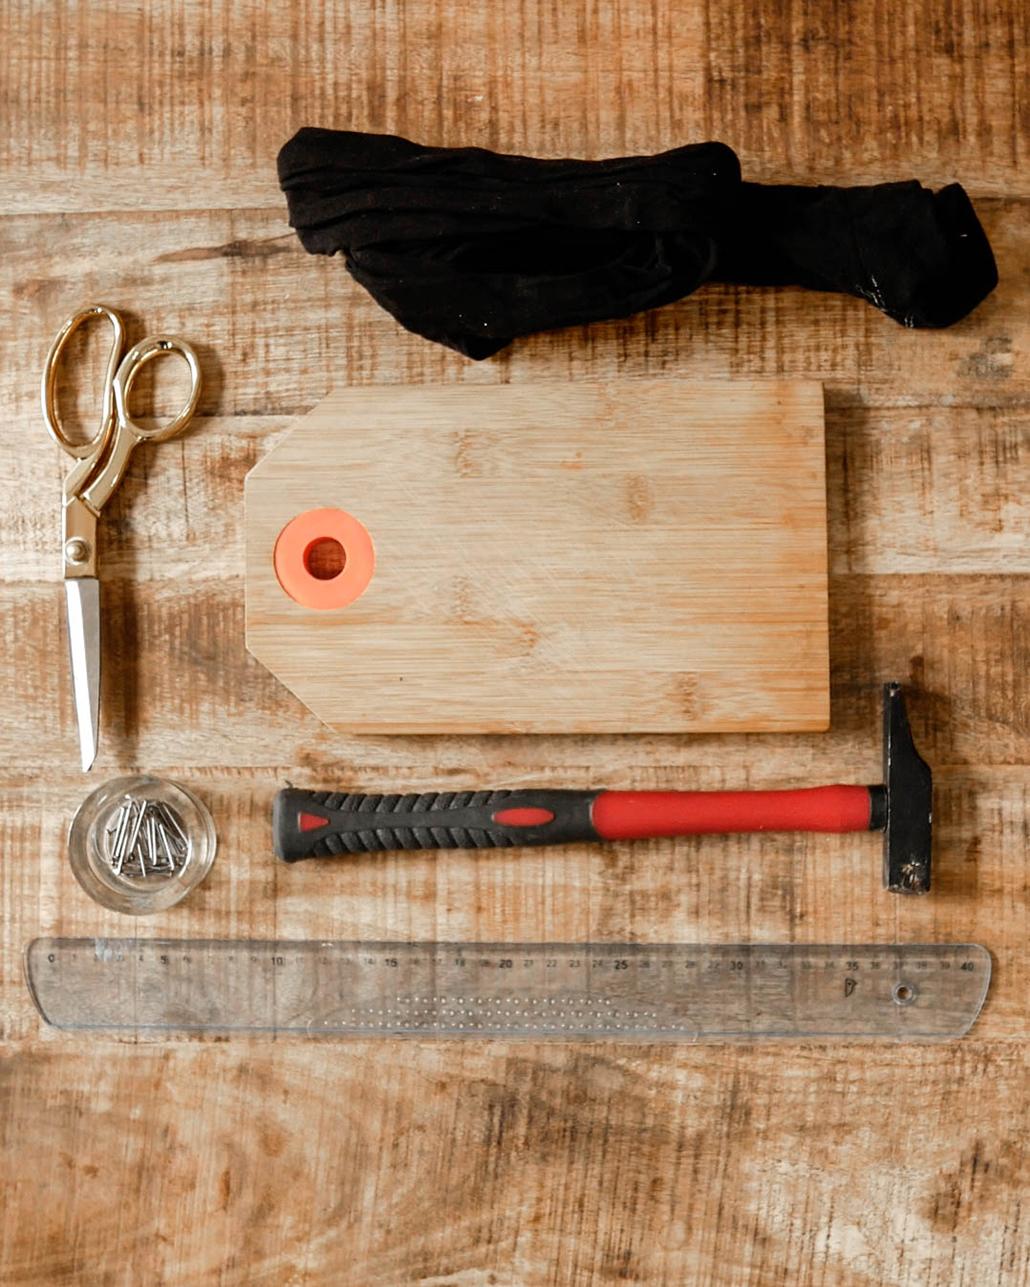 DIY tutoriel tuto écolo ecolo écologique zero déchet collant eponge fait maison facile rapide